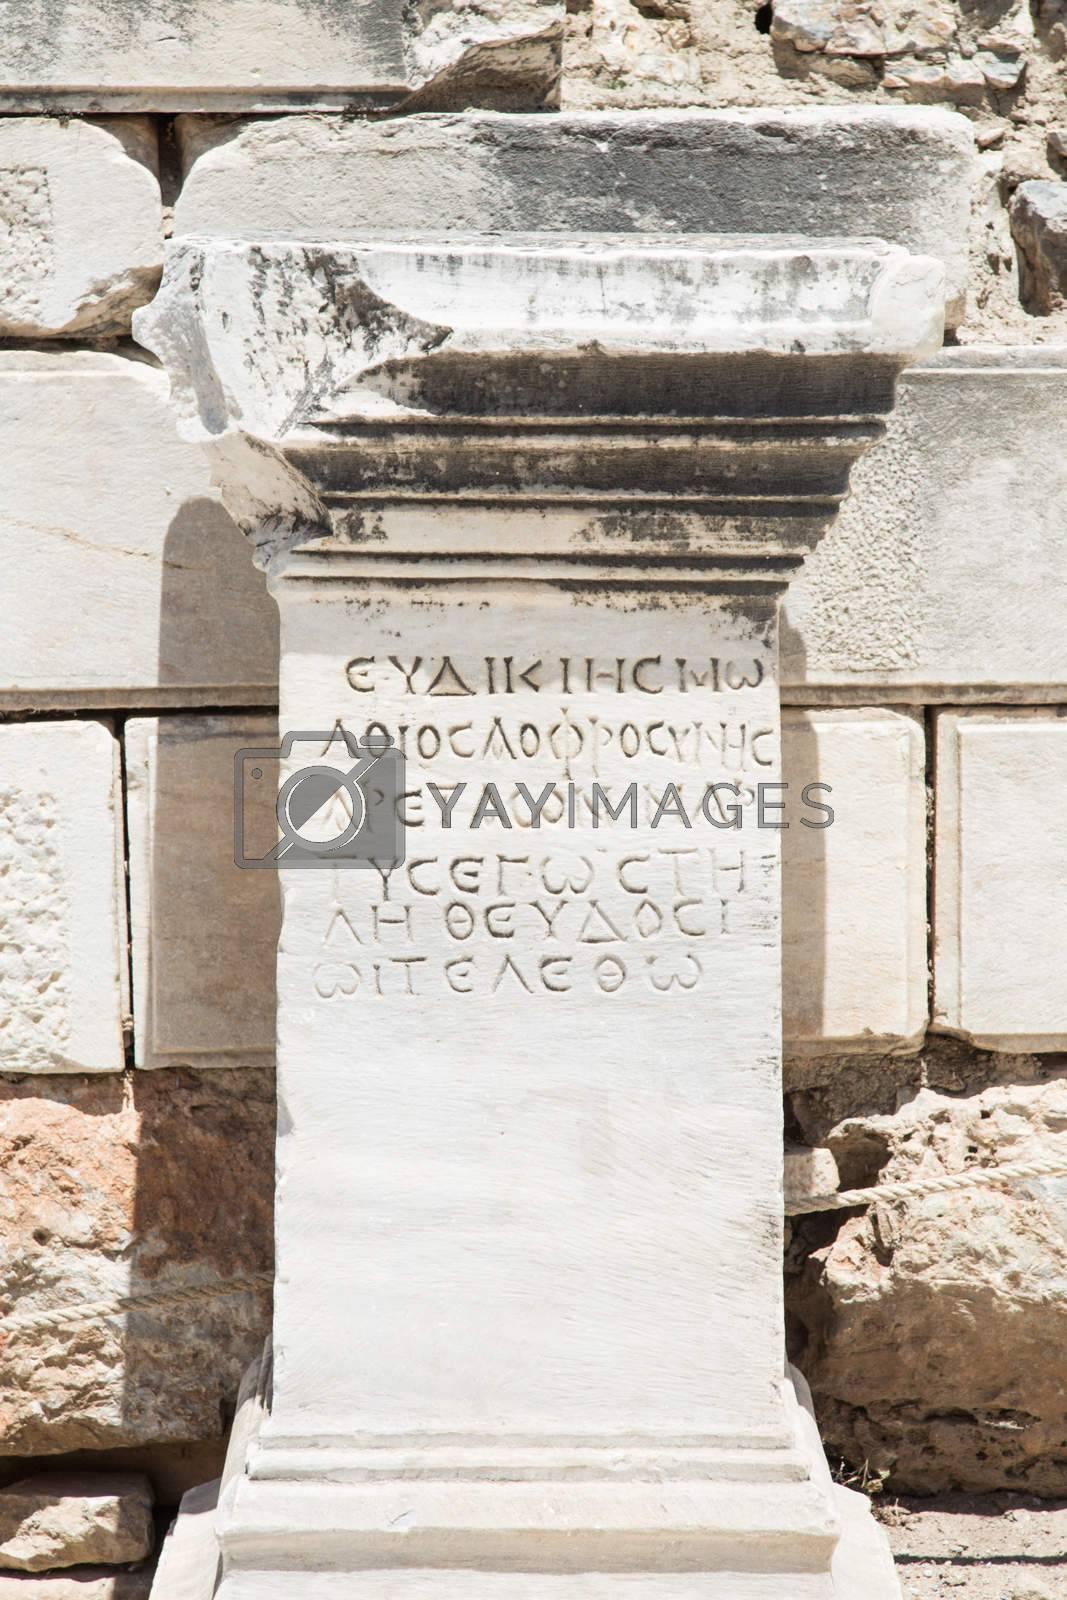 Ruin in Ephesus Ancient City by EvrenKalinbacak